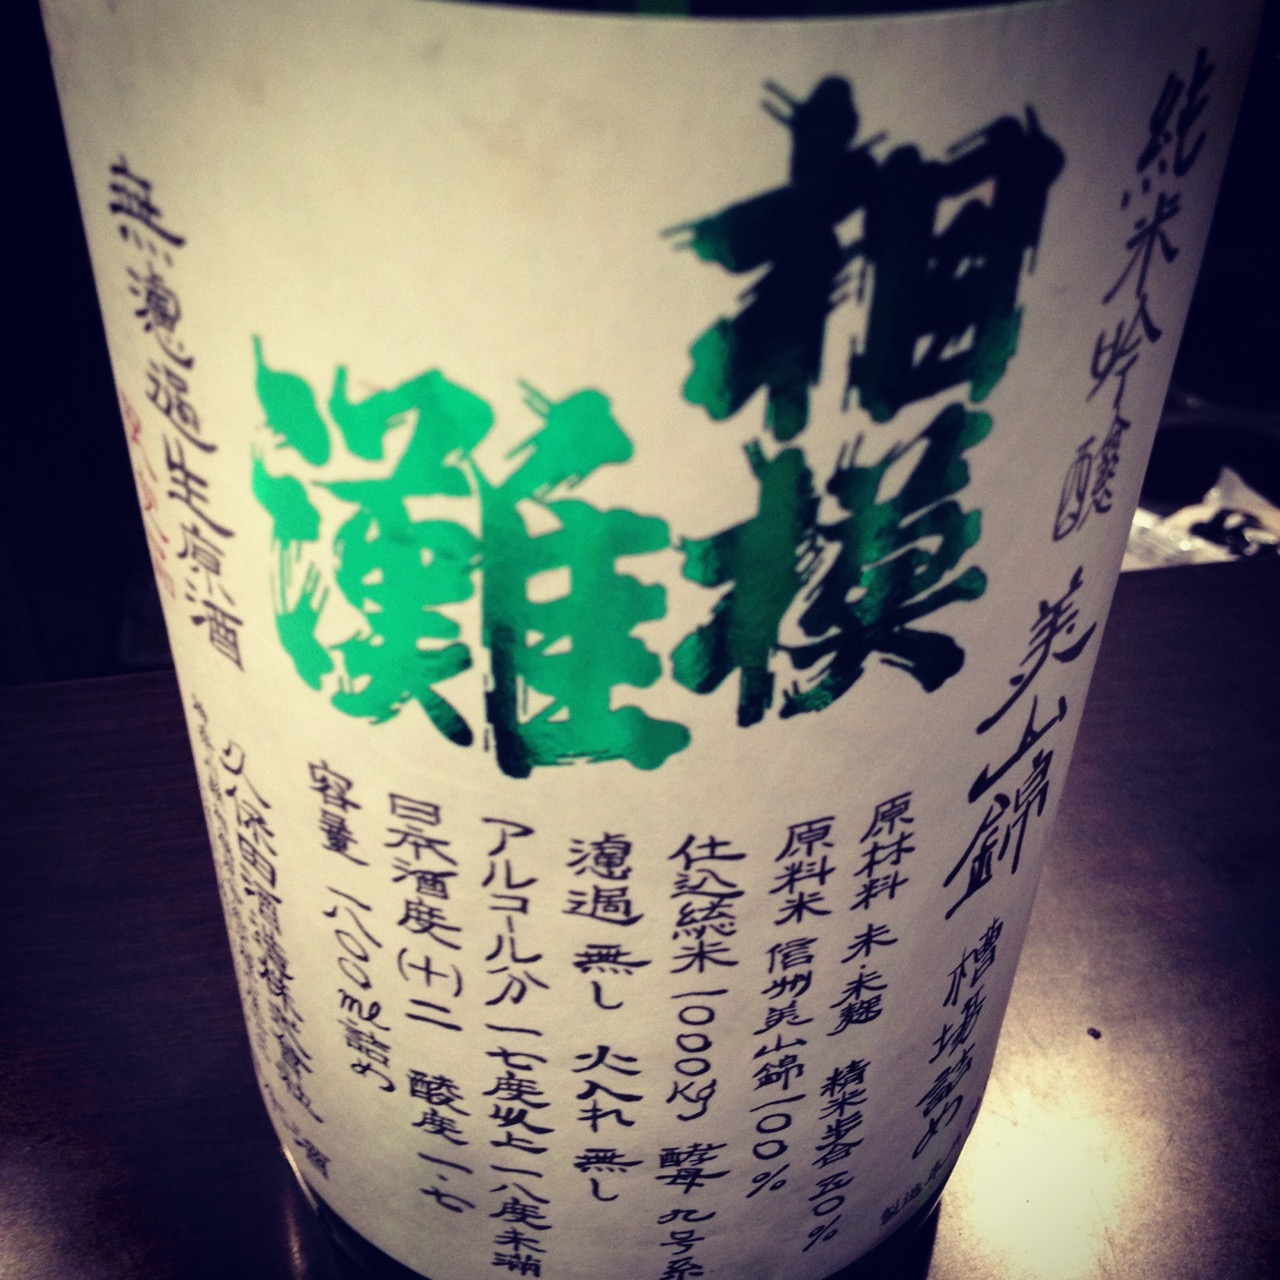 「相模灘 純米吟醸 美山錦 槽場詰め 無濾過生原酒」日本酒テイスティングノート